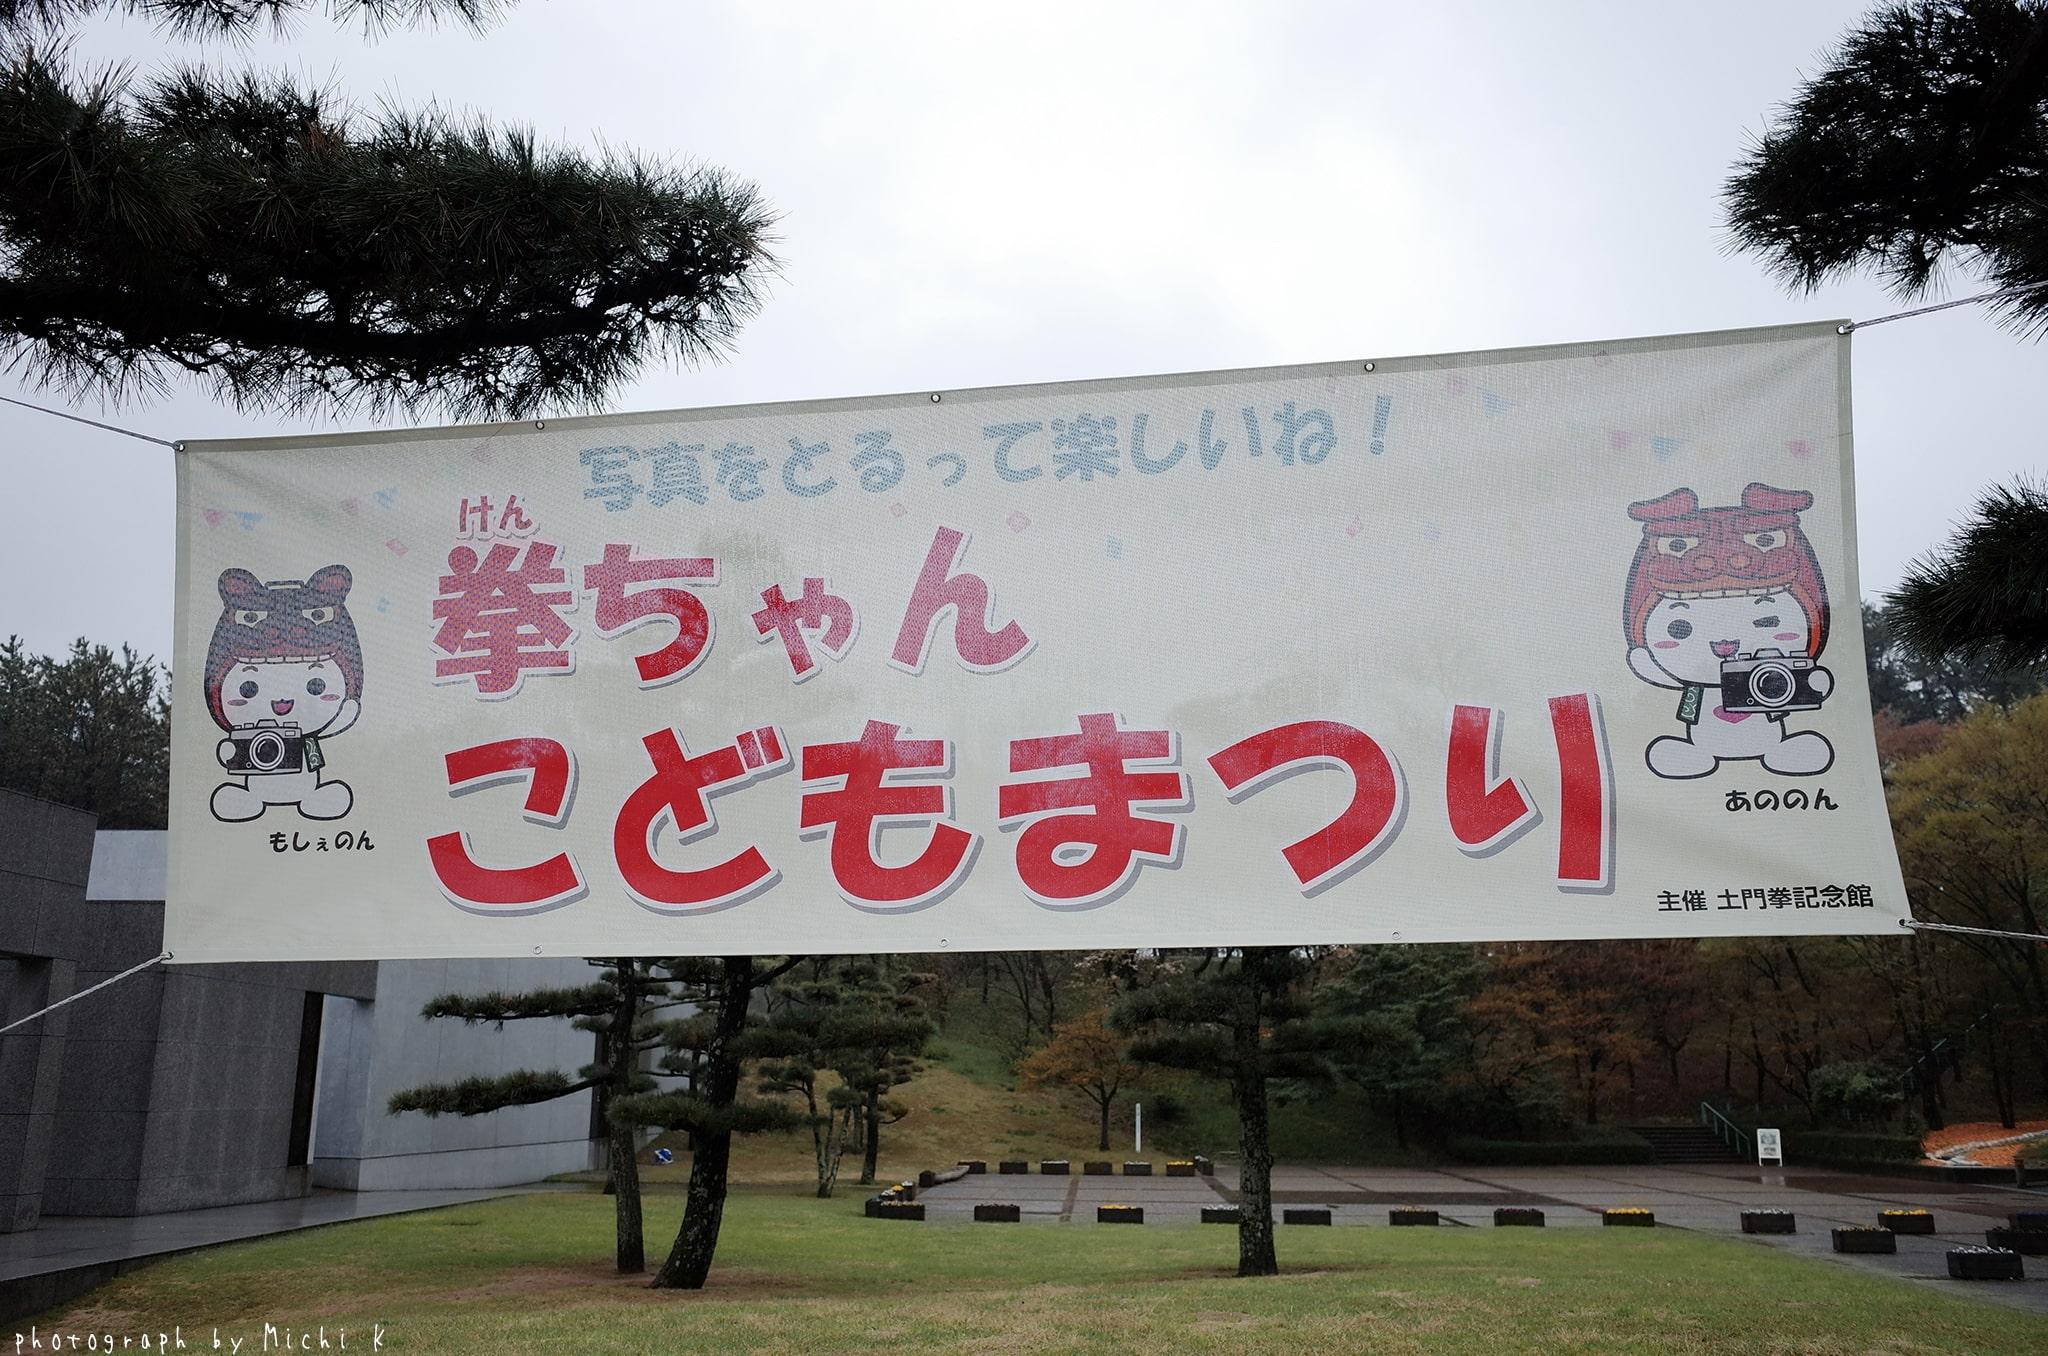 土門拳記念館2019-4-27朝(写真その1)